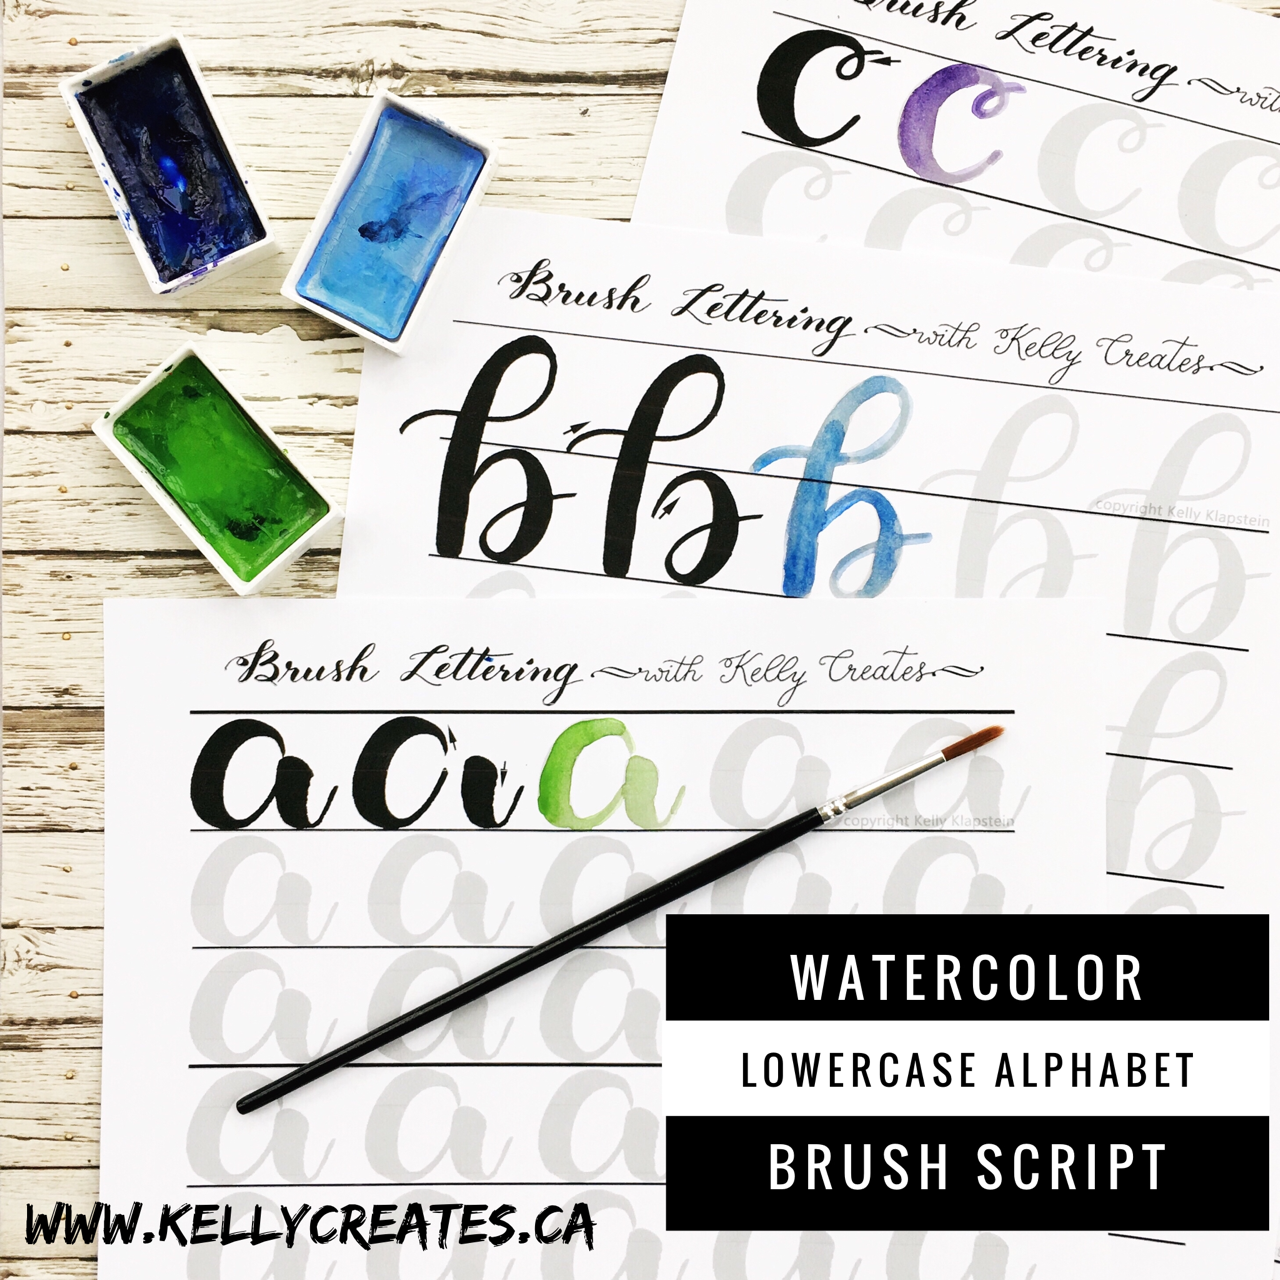 Watercolor Brush Lettering Worksheets have Arrived ...